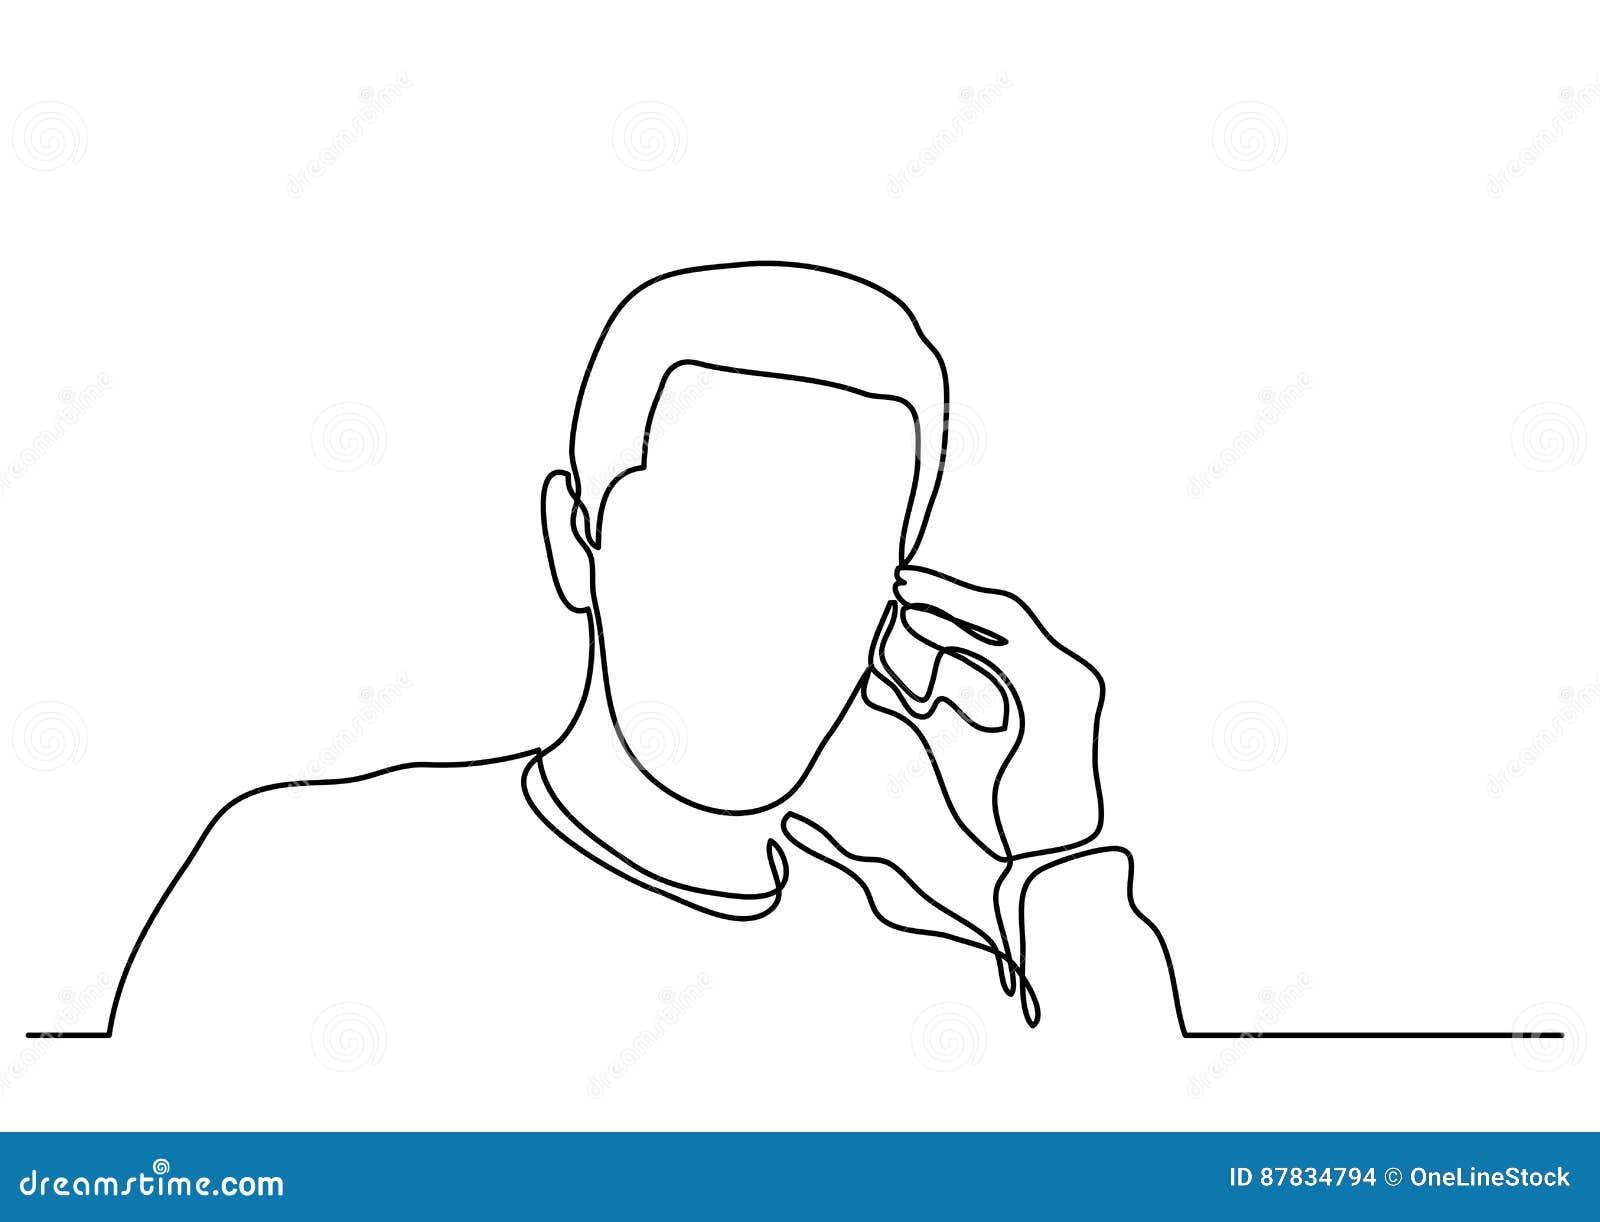 Dessin Au Trait Continu De L Homme Parlant Au Téléphone